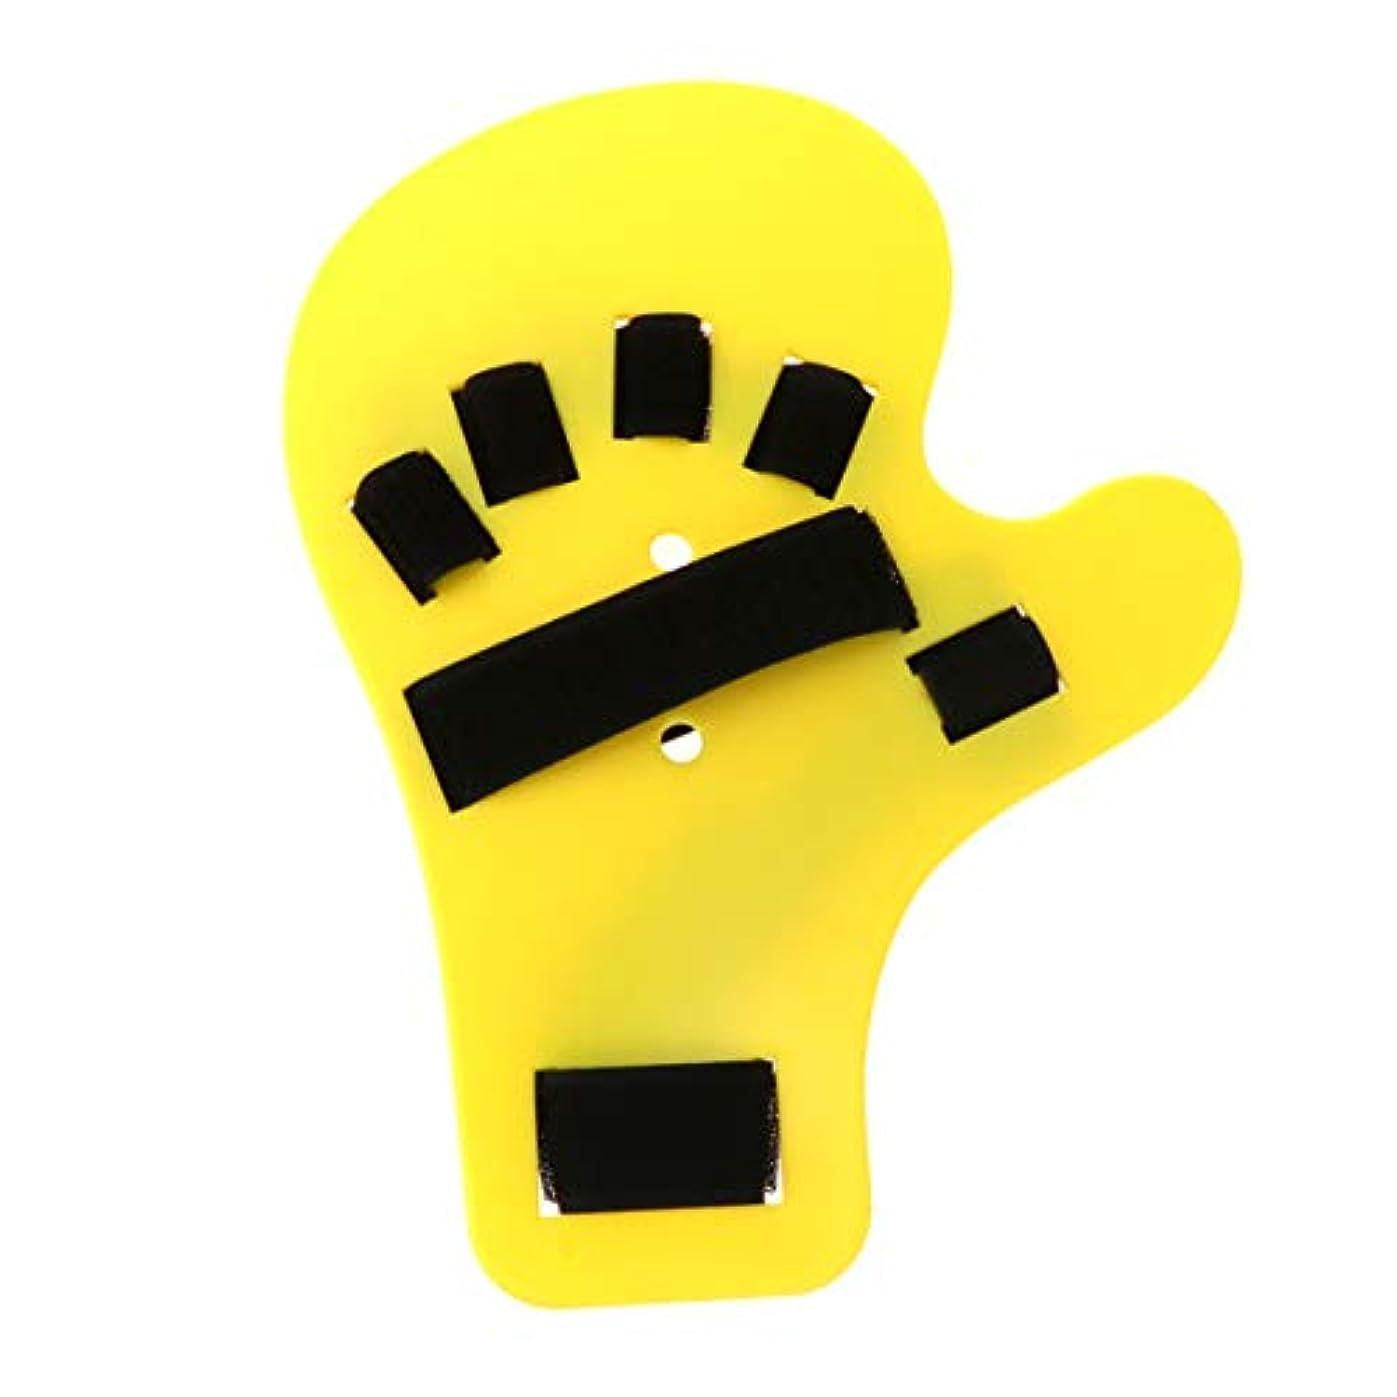 フロンティア文明化ジョブSUPVOX 指装具指板ストロークハンドスプリントトレーニングサポートハンド手首トレーニング右手用装具デバイス